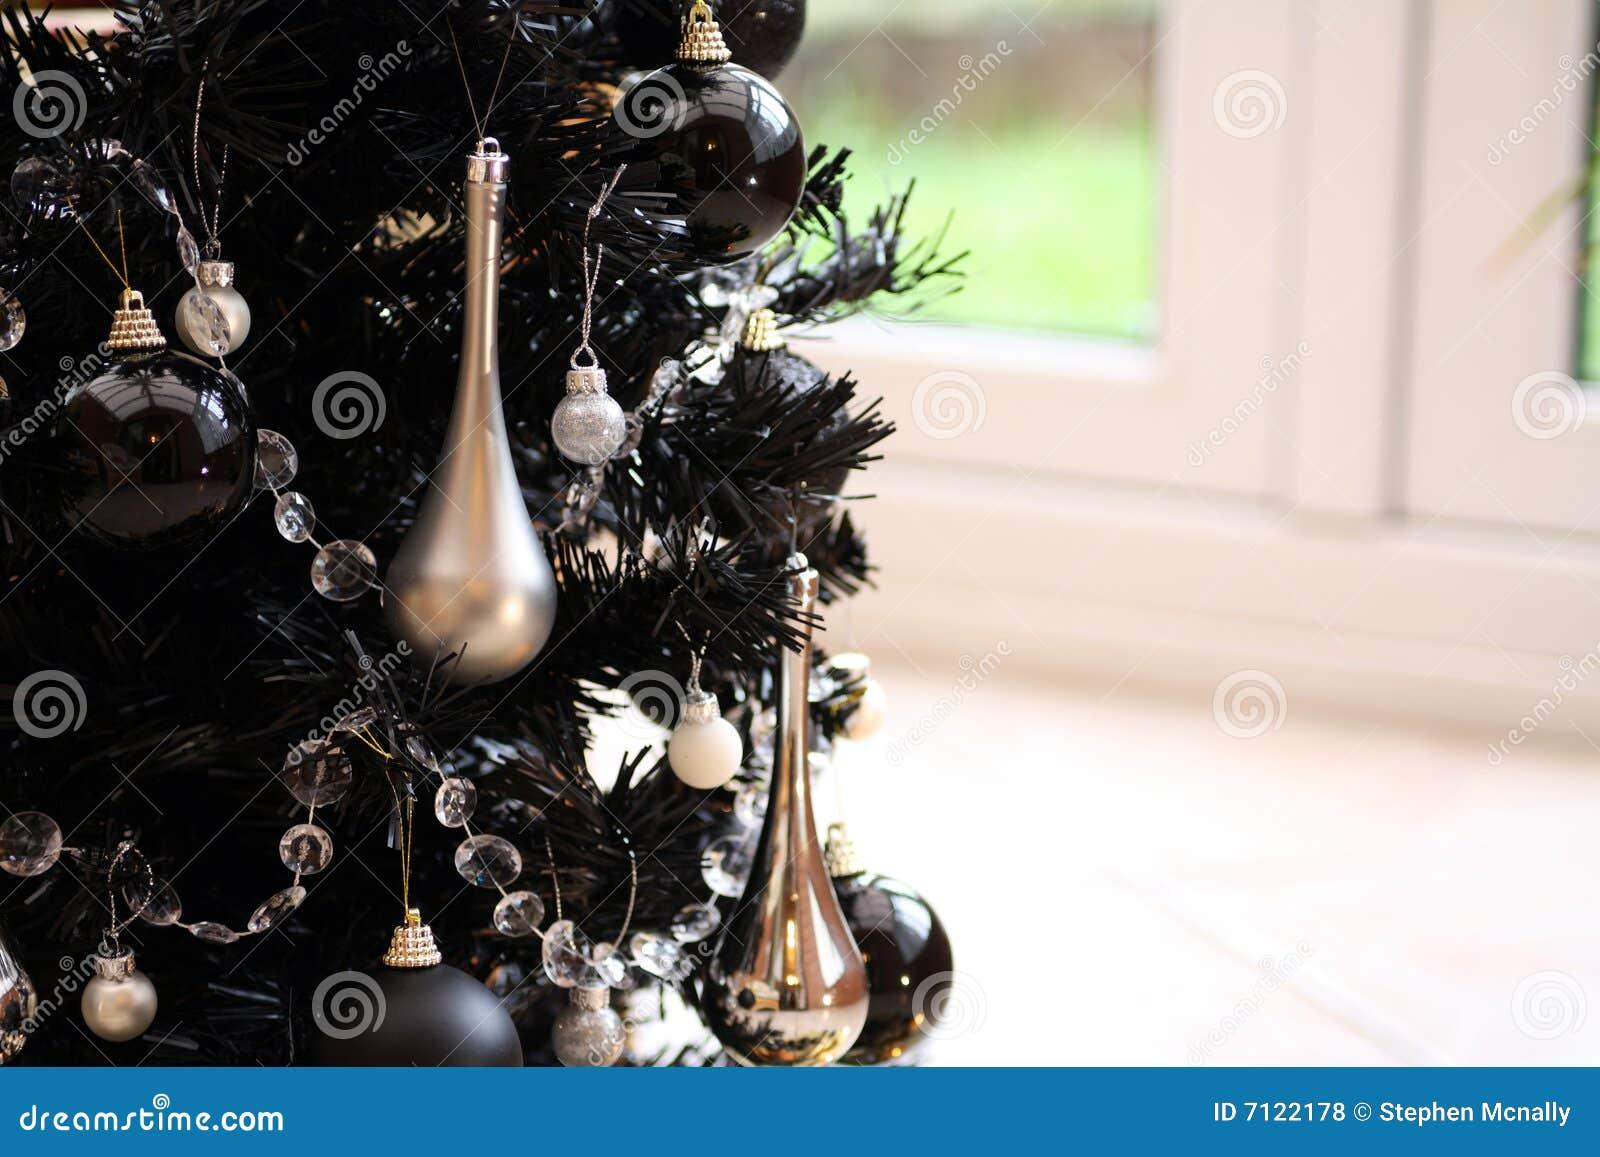 Schwarzer weihnachtsbaum stockfoto bild von festlich 7122178 - Schwarzer weihnachtsbaum ...